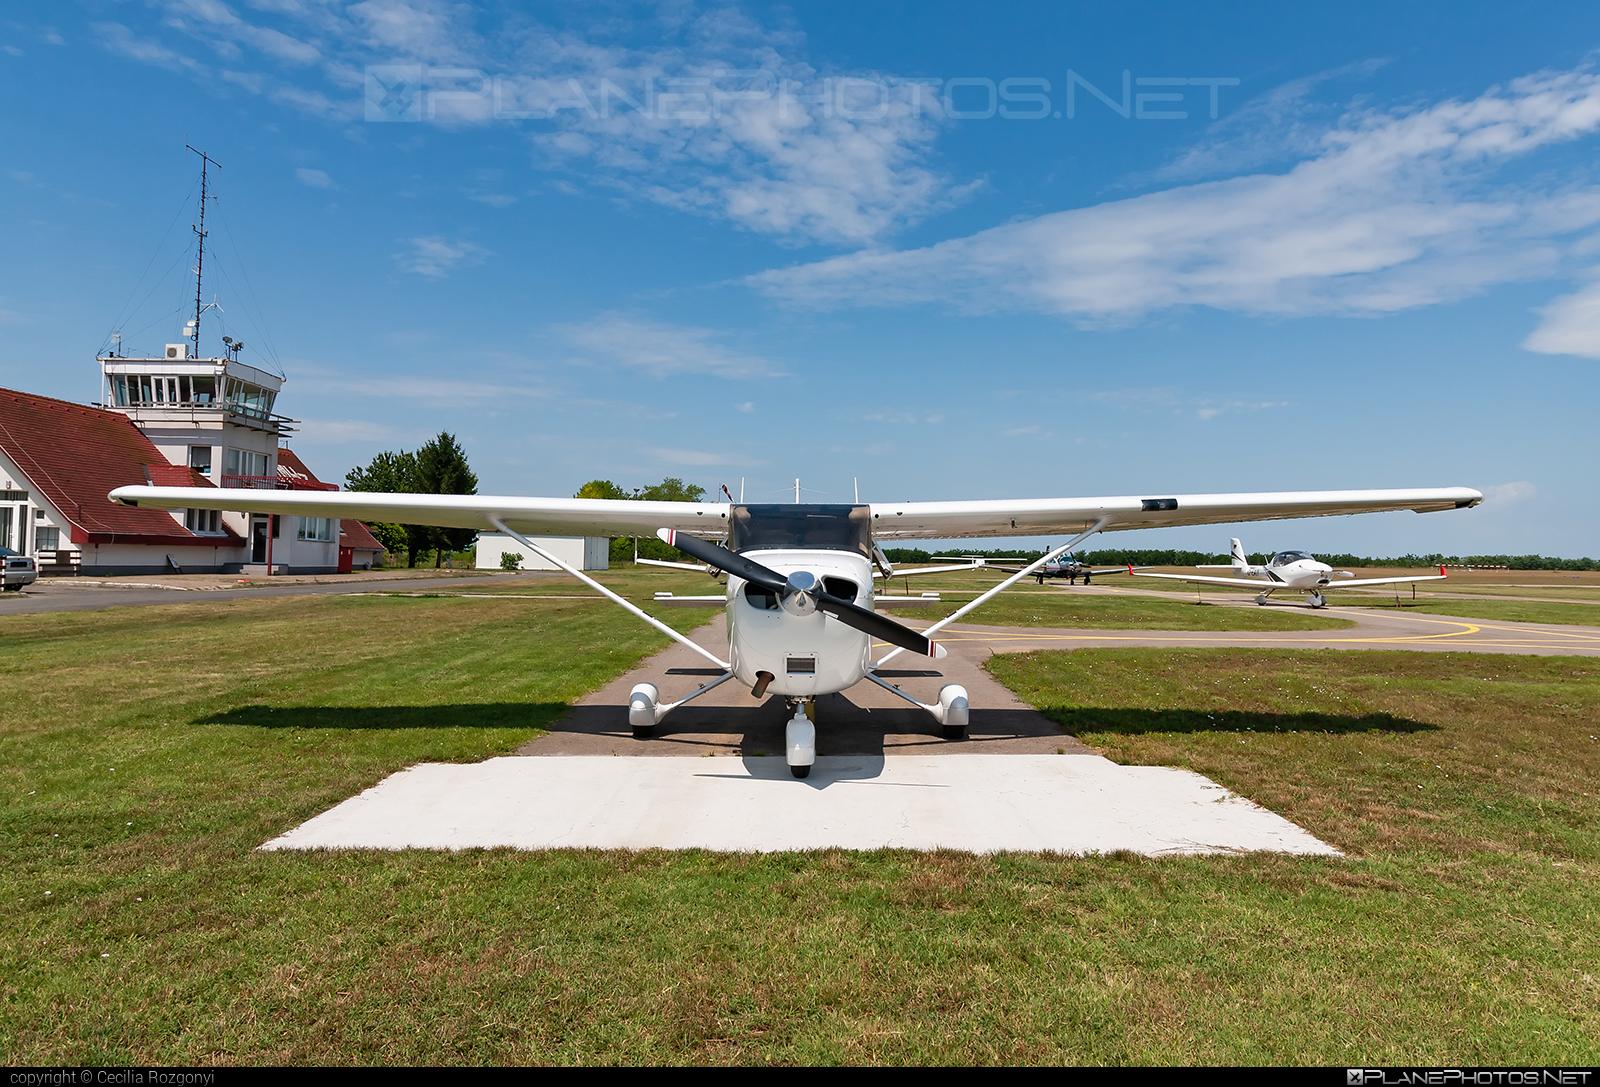 Cessna 172S Skyhawk SP - OE-KHC operated by Österreichischer Sportfliegerclub Salzburg #cessna #cessna172 #cessna172s #cessna172skyhawk #cessna172sskyhawk #cessnaskyhawk #cessnaskyhawksp #osterreichischersportfliegerclubsalzburg #skyhawksp